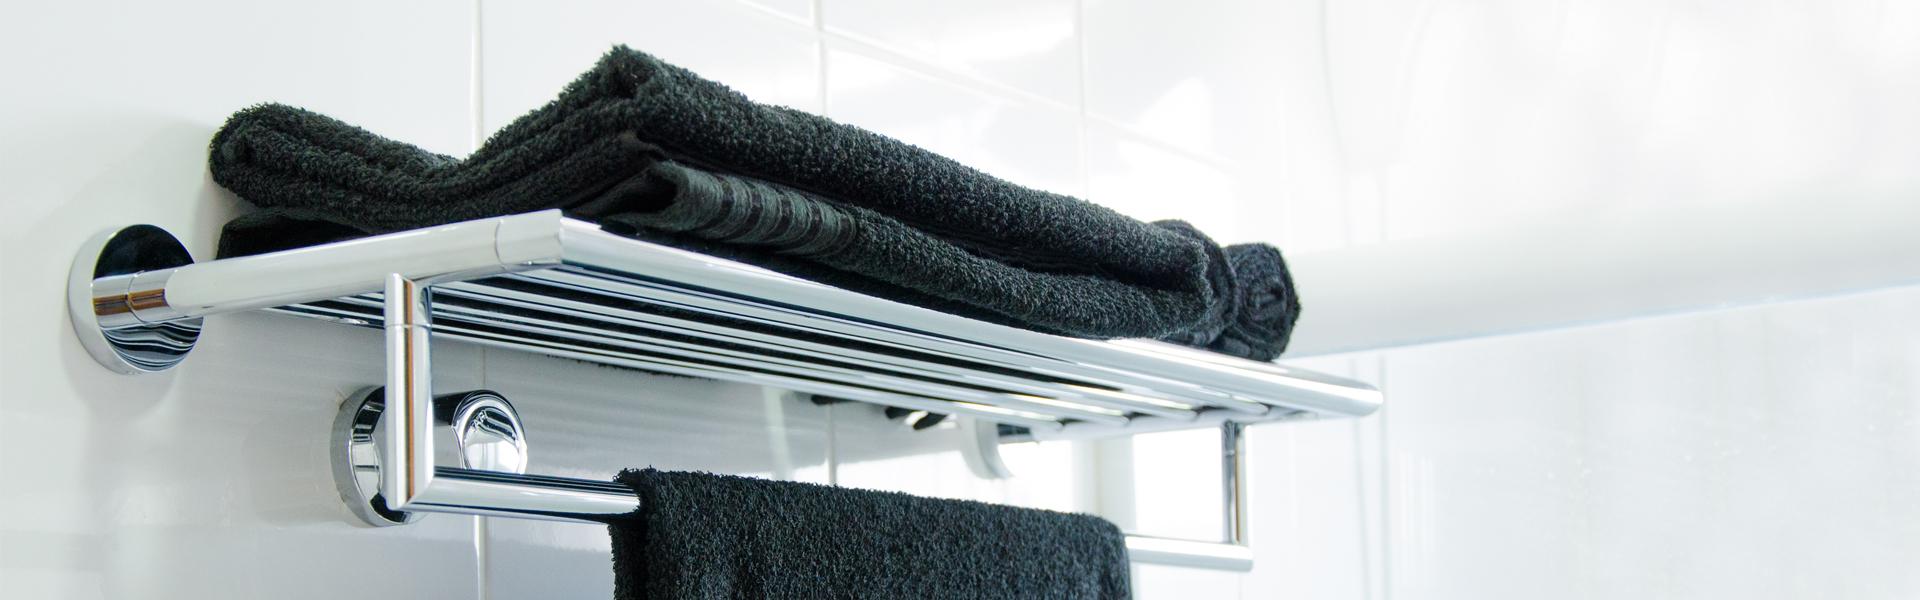 Banheiro - Cabides e Porta-toalhas